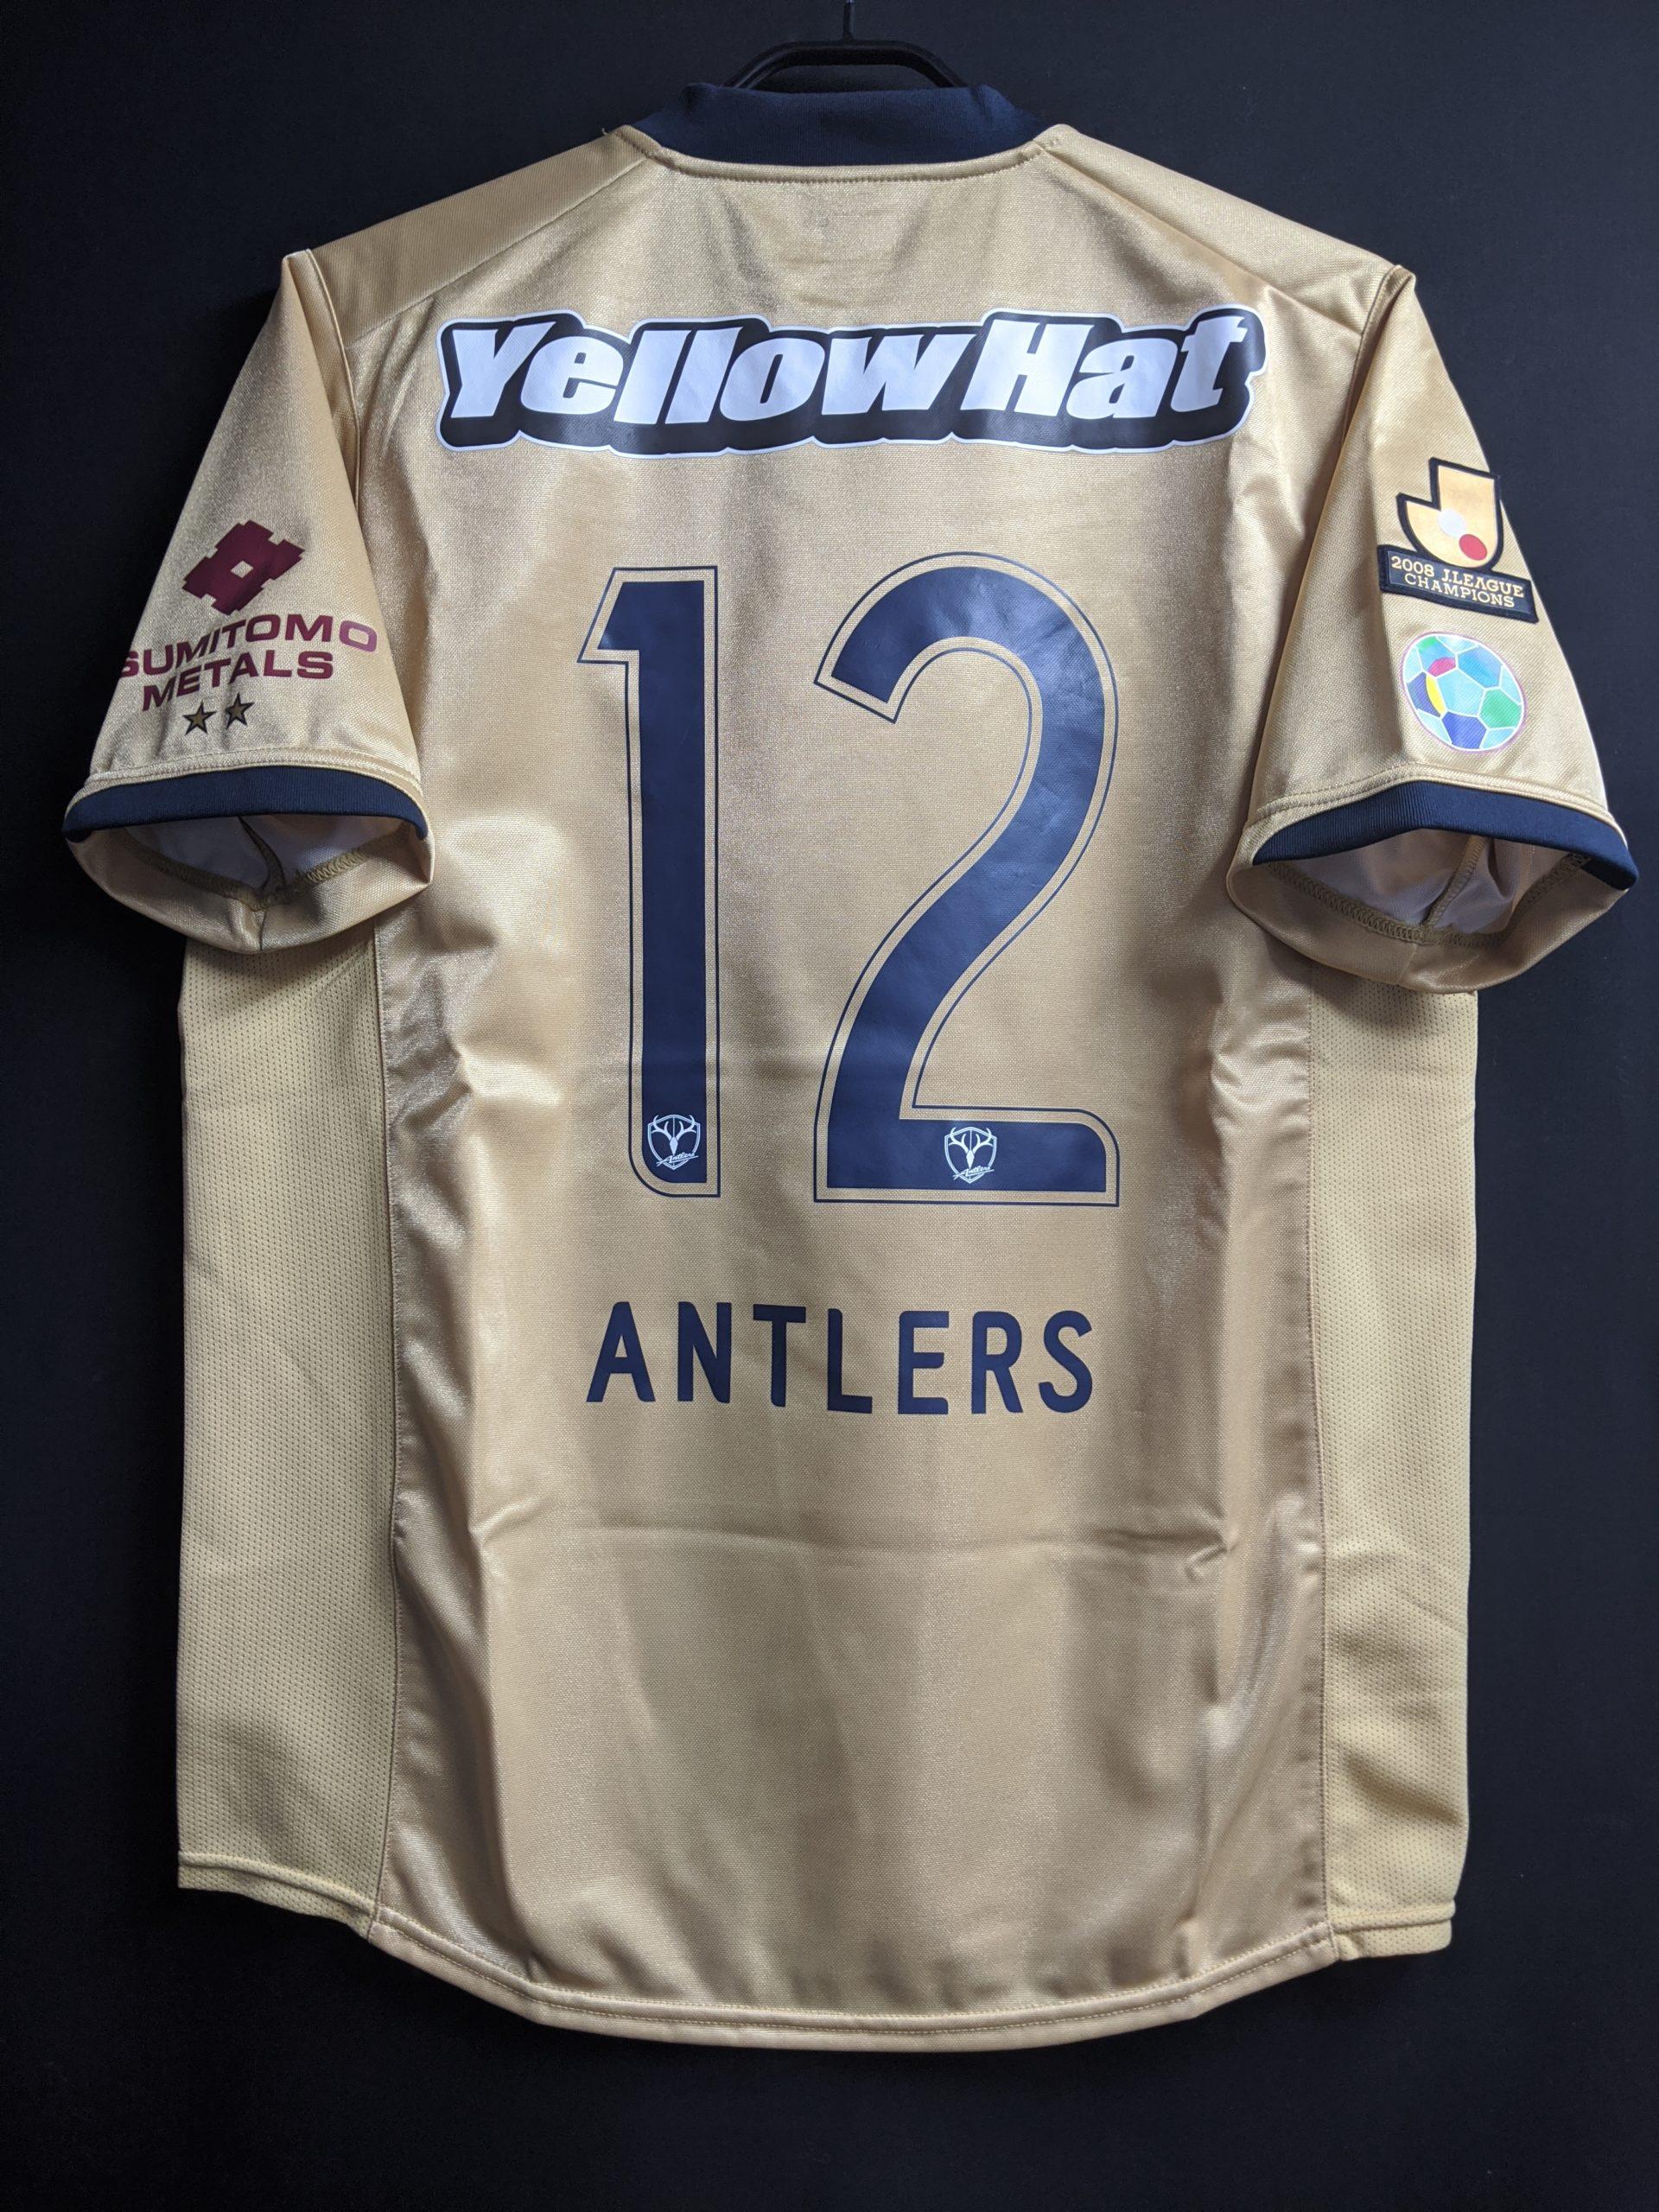 2009鹿島アントラーズの3rdユニフォームの背面